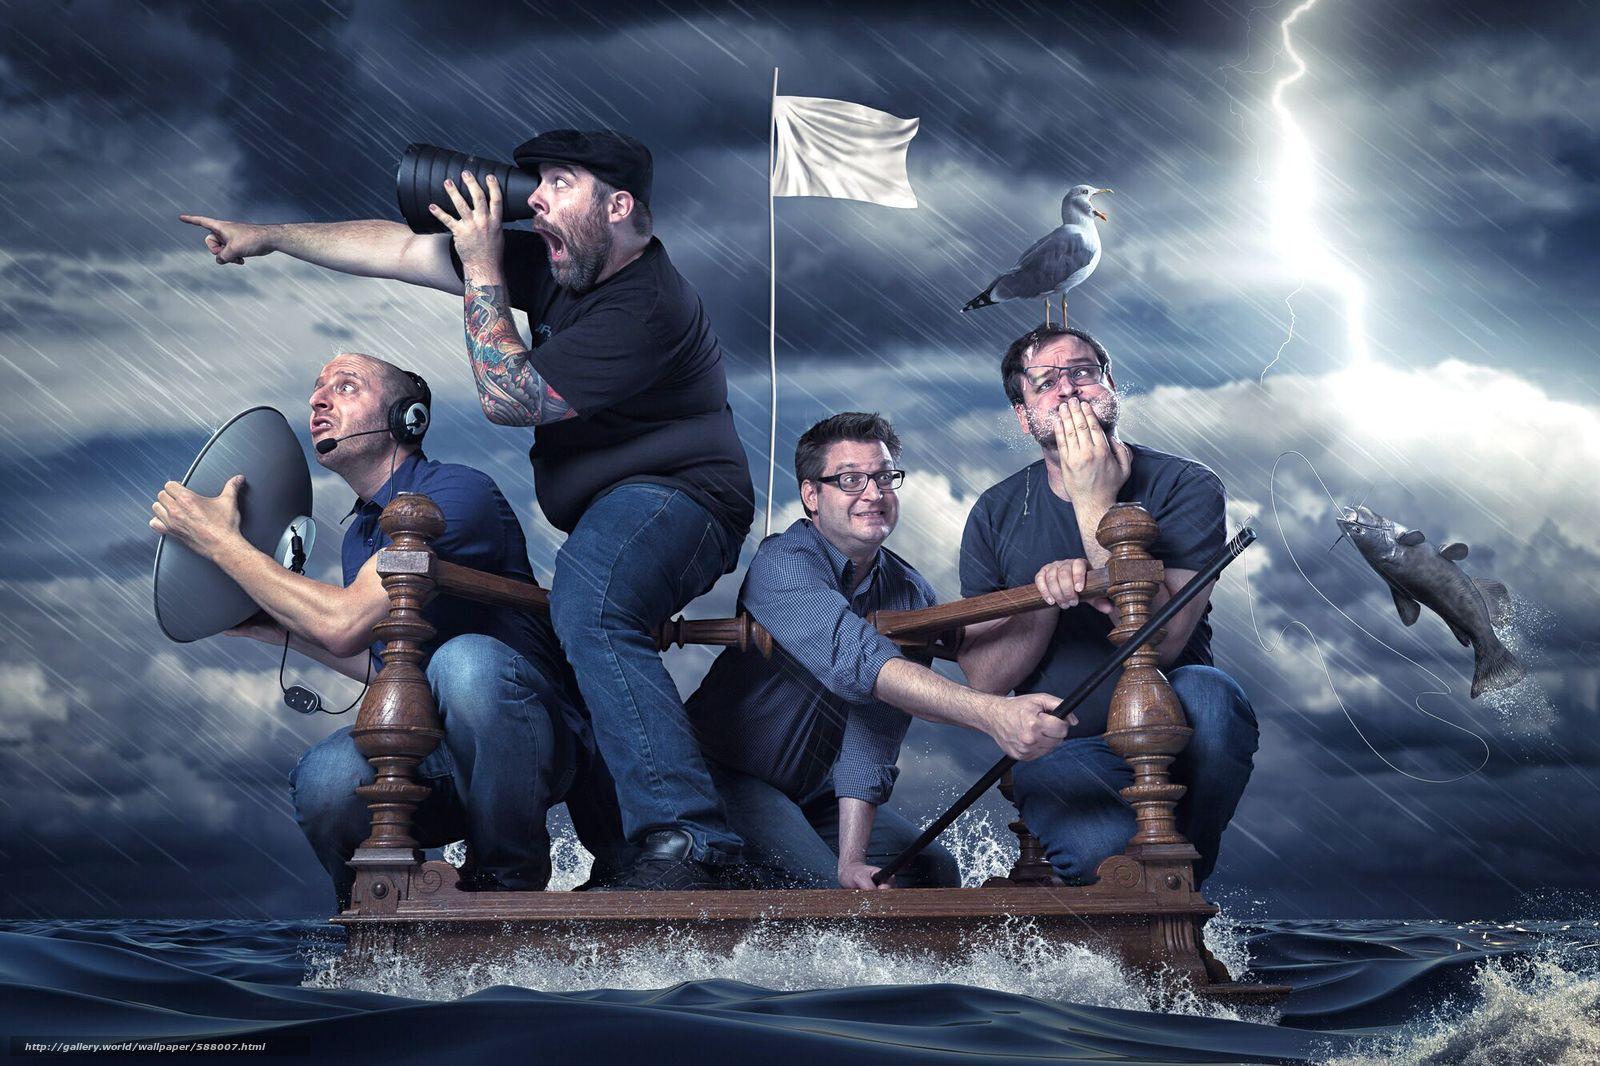 下载壁纸 风暴,  筏,  男人 免费为您的桌面分辨率的壁纸 2000x1333 — 图片 №588007